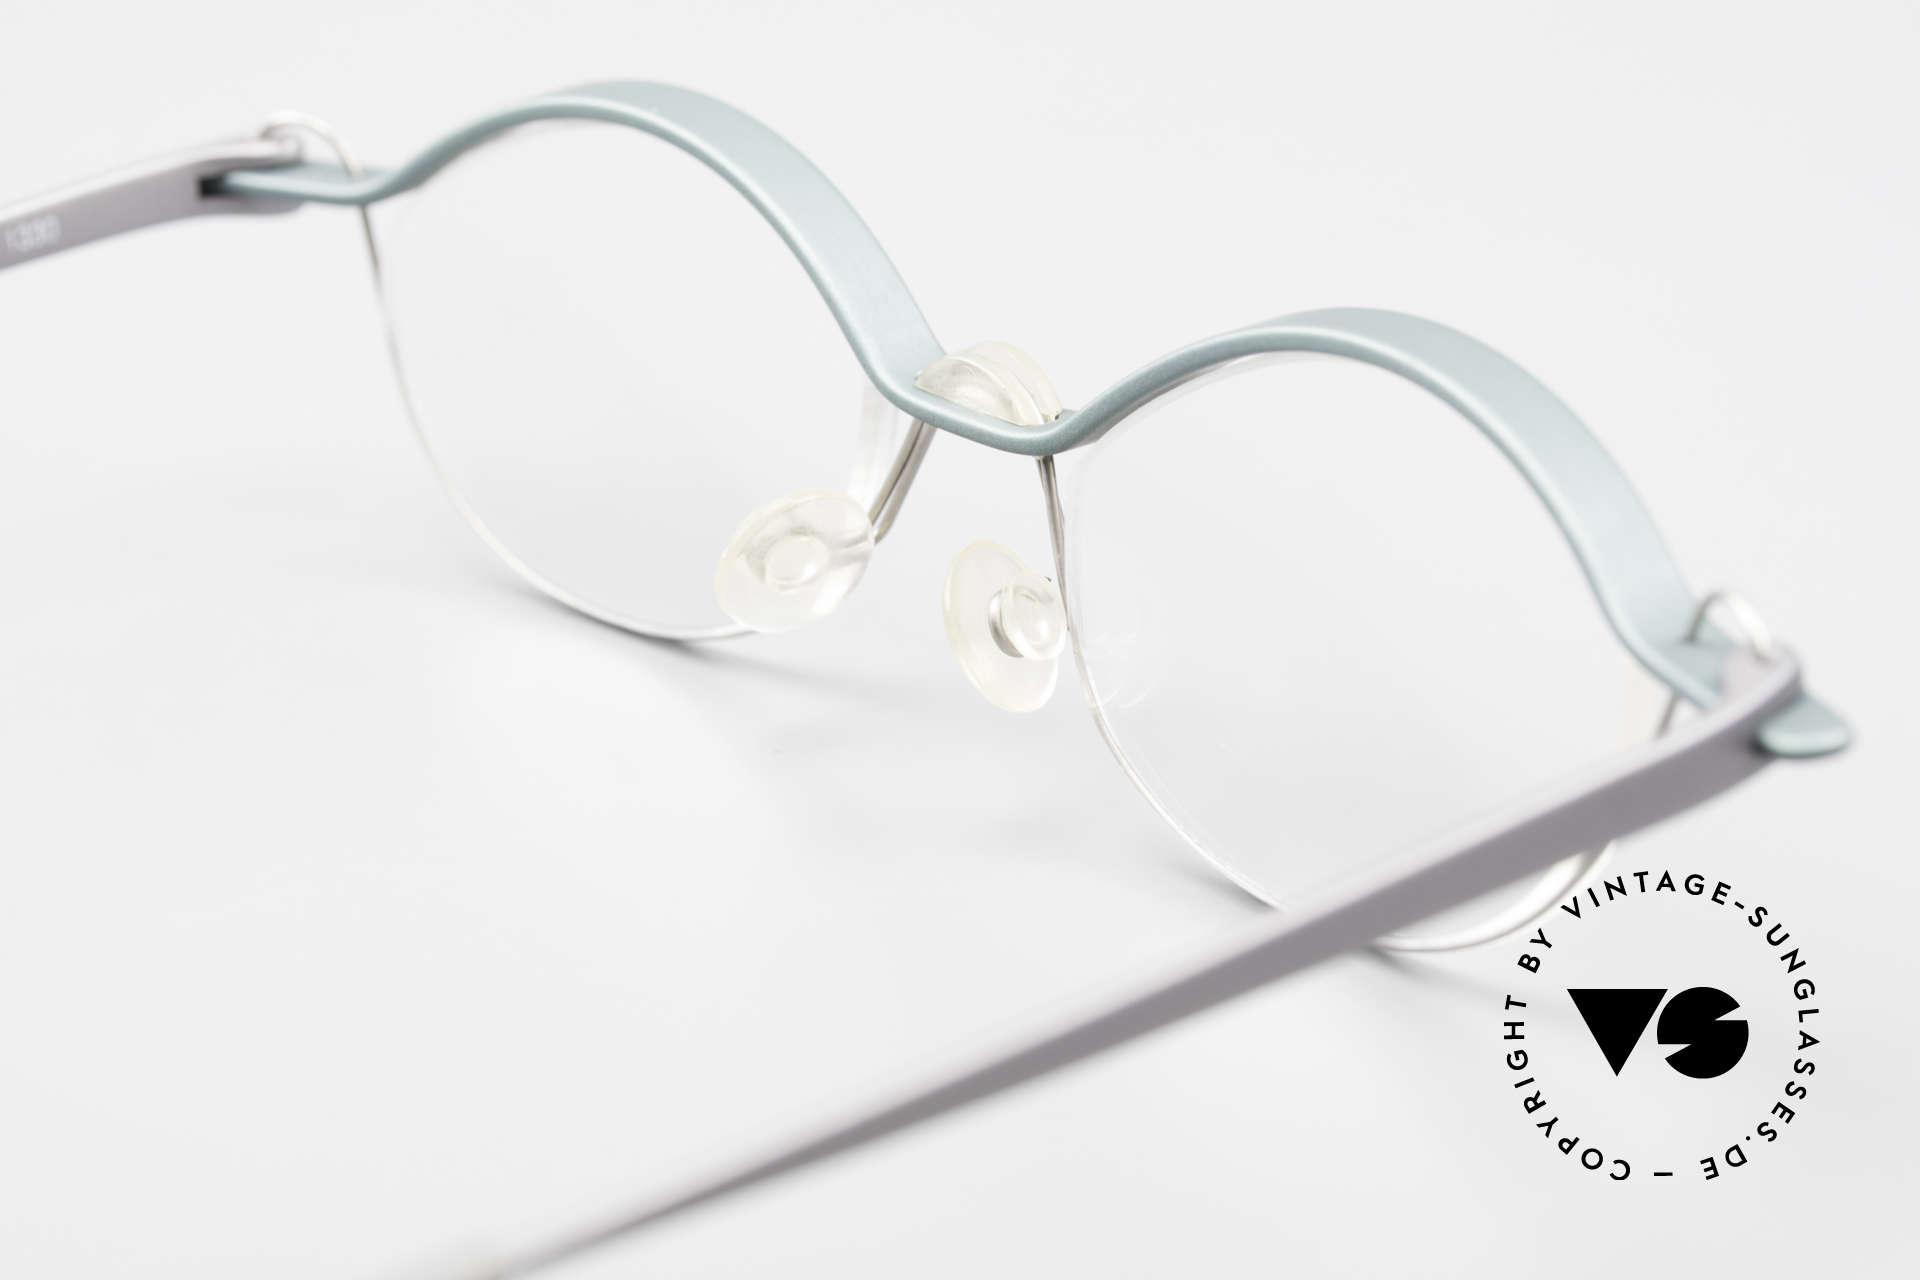 ProDesign No25 Gail Spence Aluminium Frame, NO retro frame, but a true 90's original + hard case, Made for Men and Women